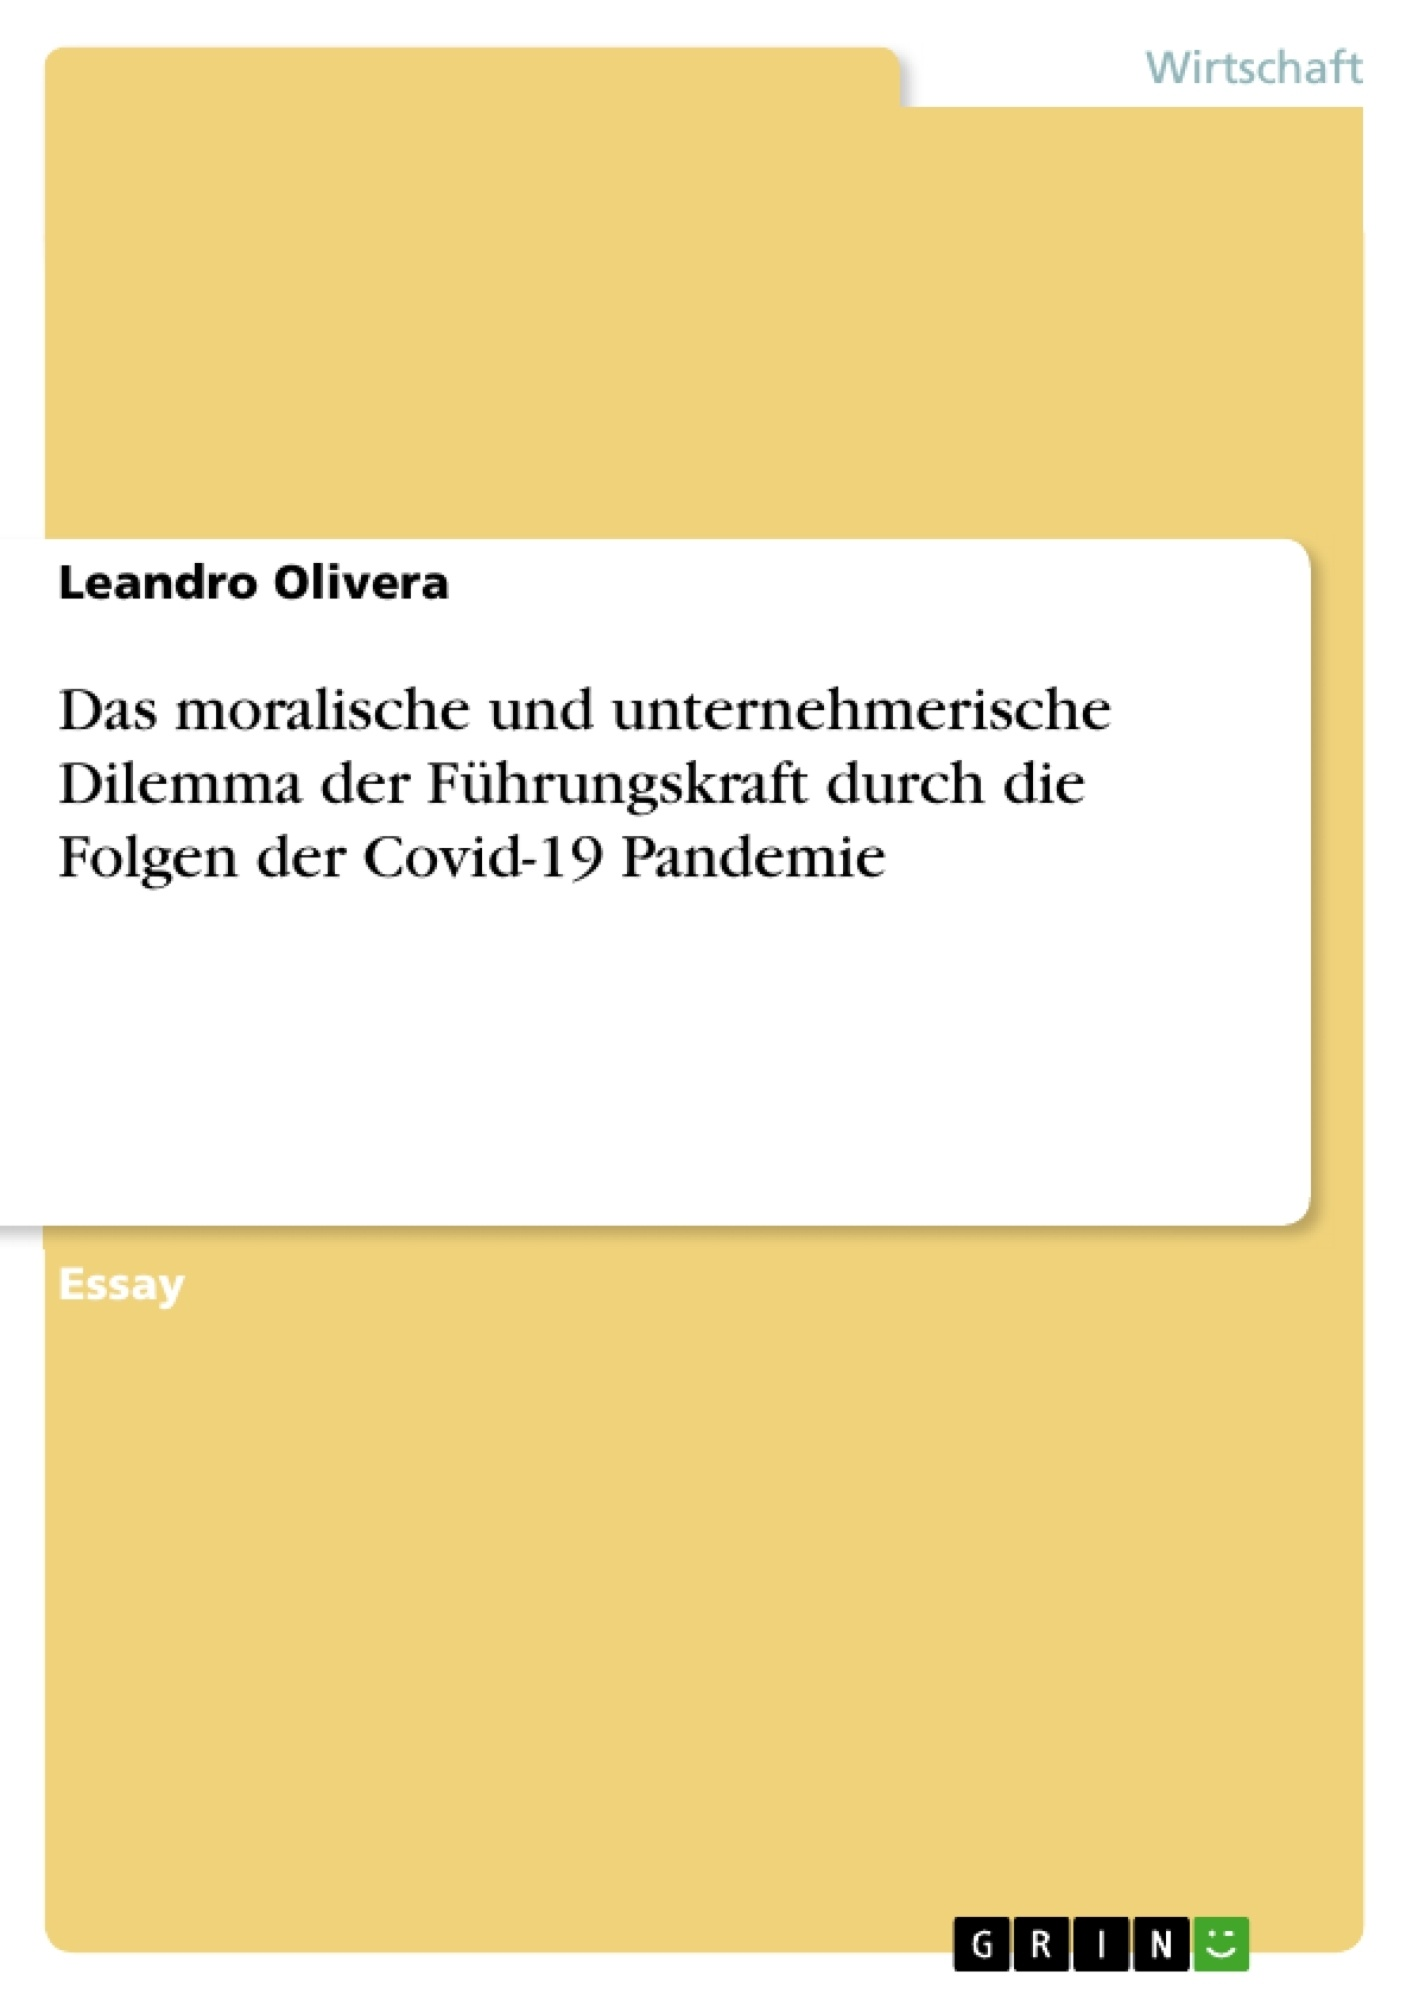 Titel: Das moralische und unternehmerische Dilemma der Führungskraft durch die Folgen der Covid-19 Pandemie